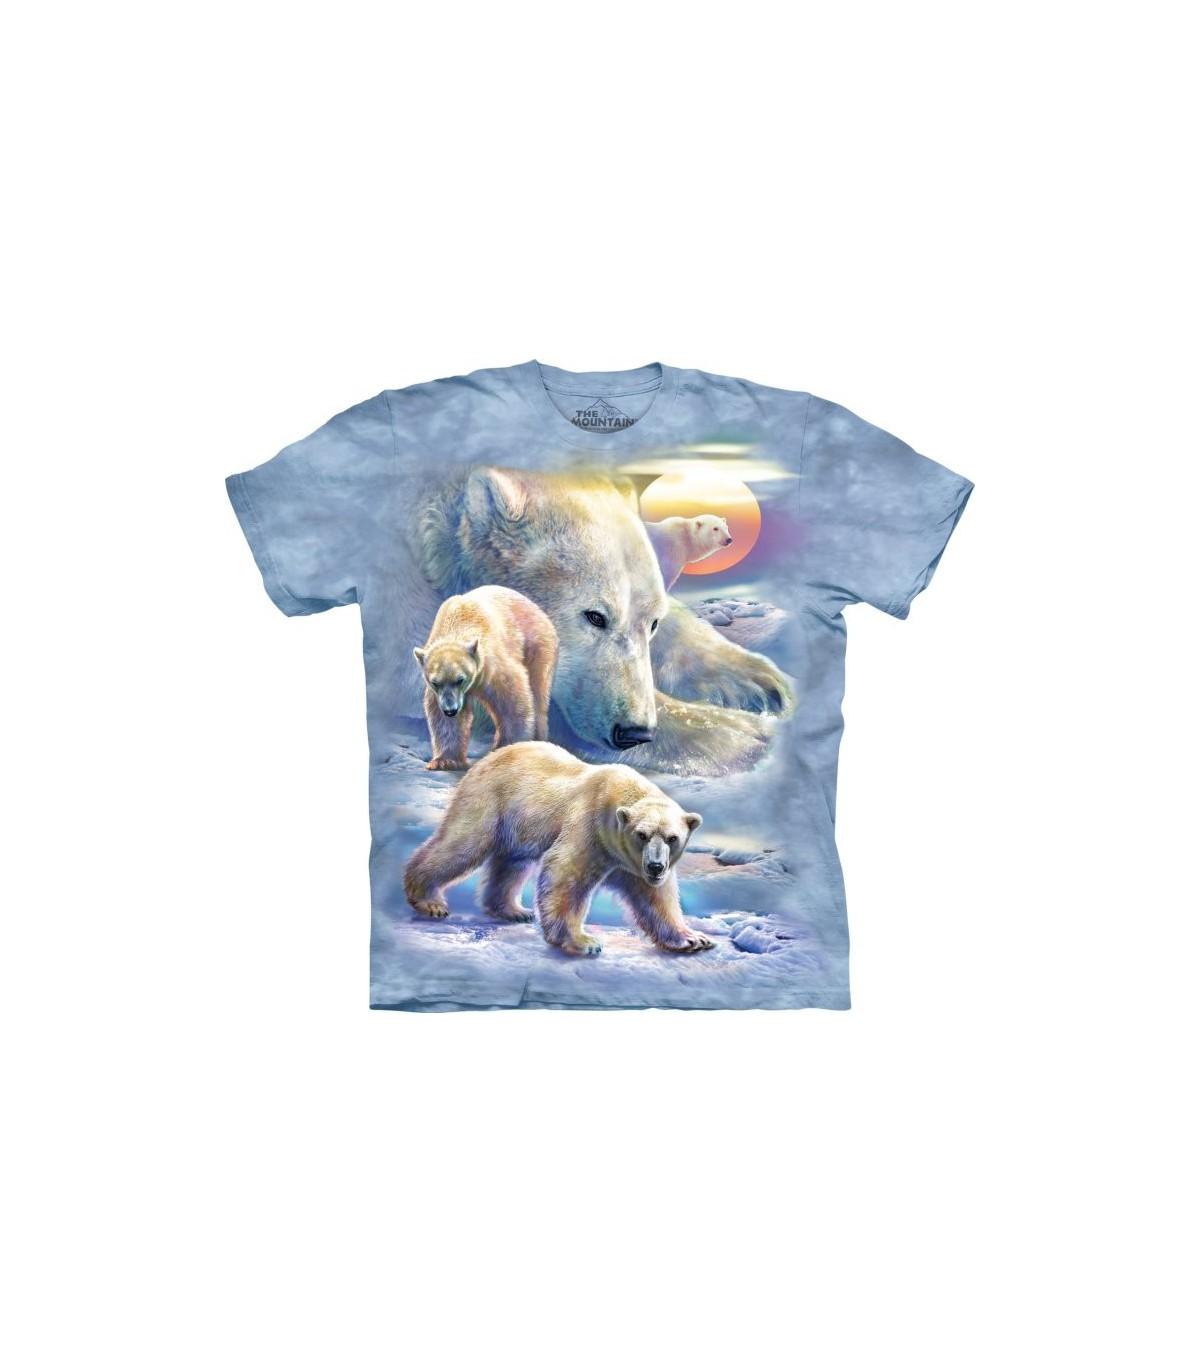 Ours Shirt Et T The Mountain Enfant Polaire Adulte Unisexe O8nvmwN0